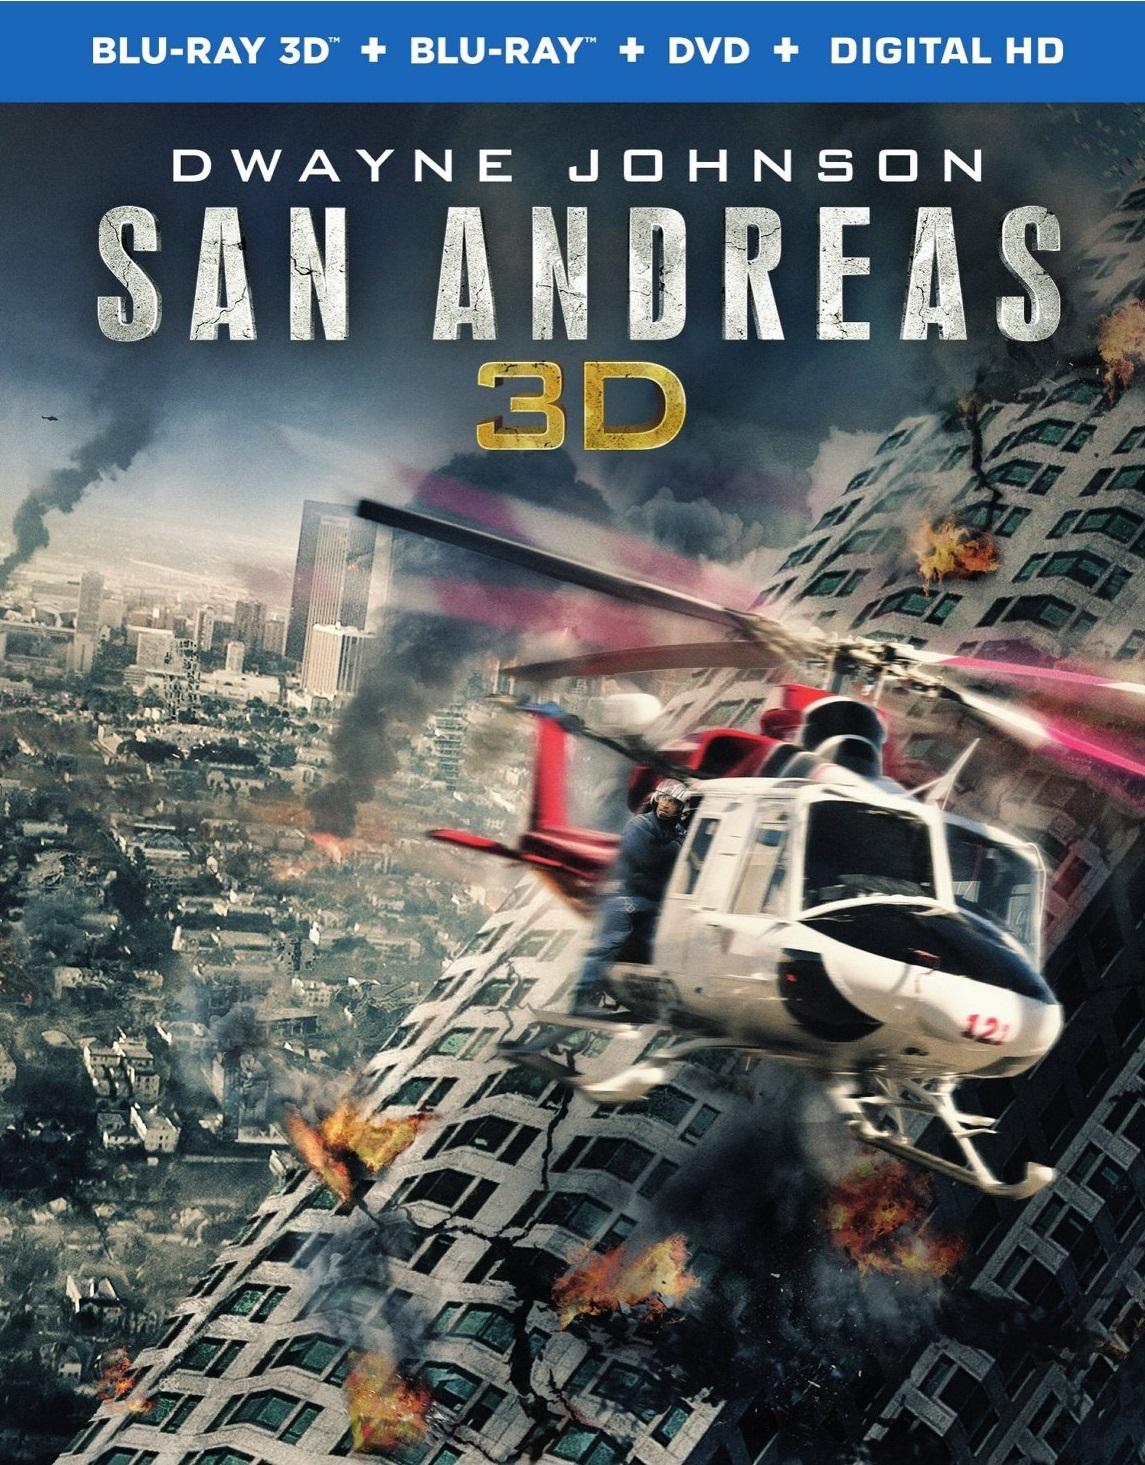 Terremoto La Falla De San Andres (2015) 1080p BD25 3D